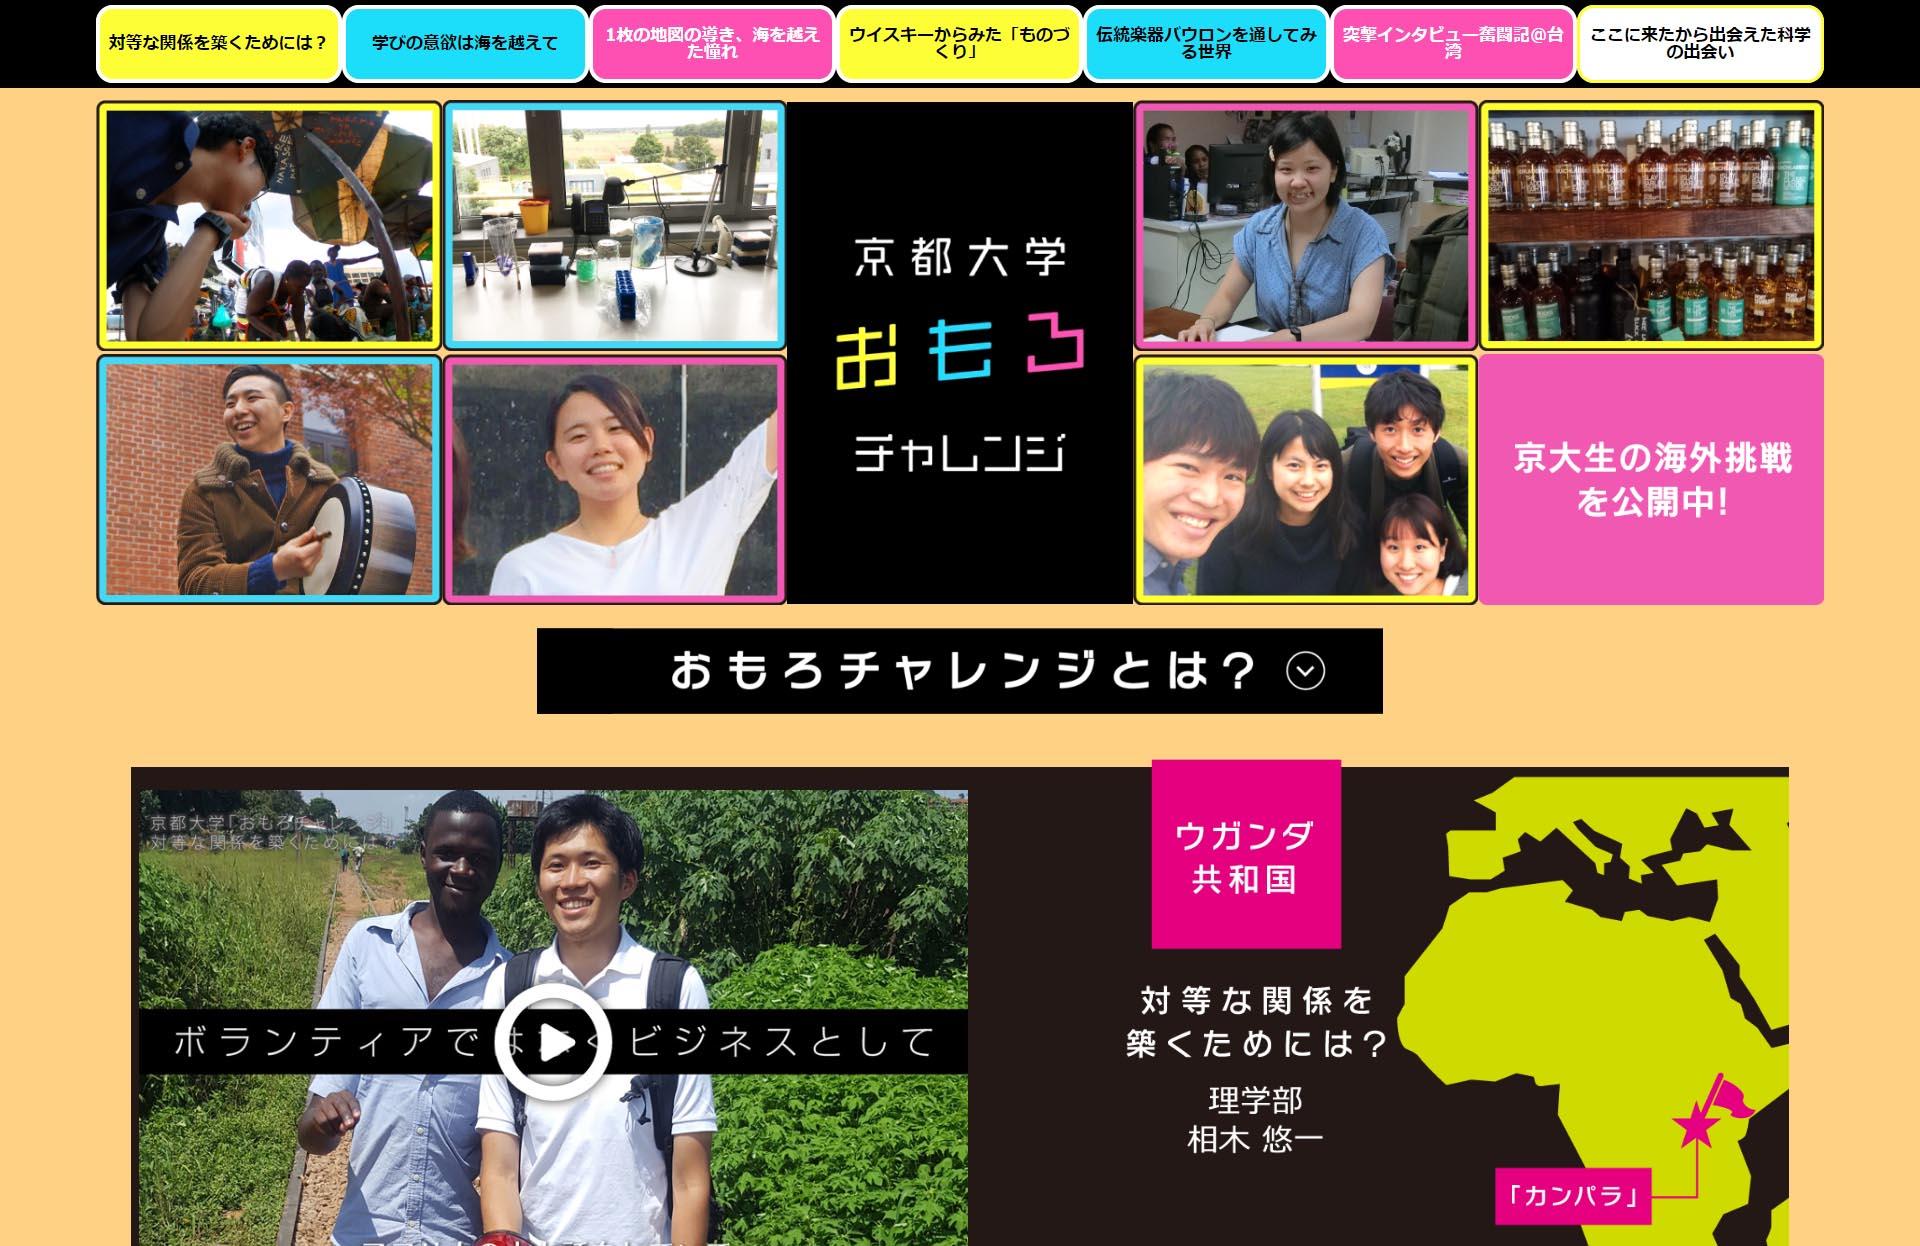 特設サイト「京都大学おもろチャレンジ」